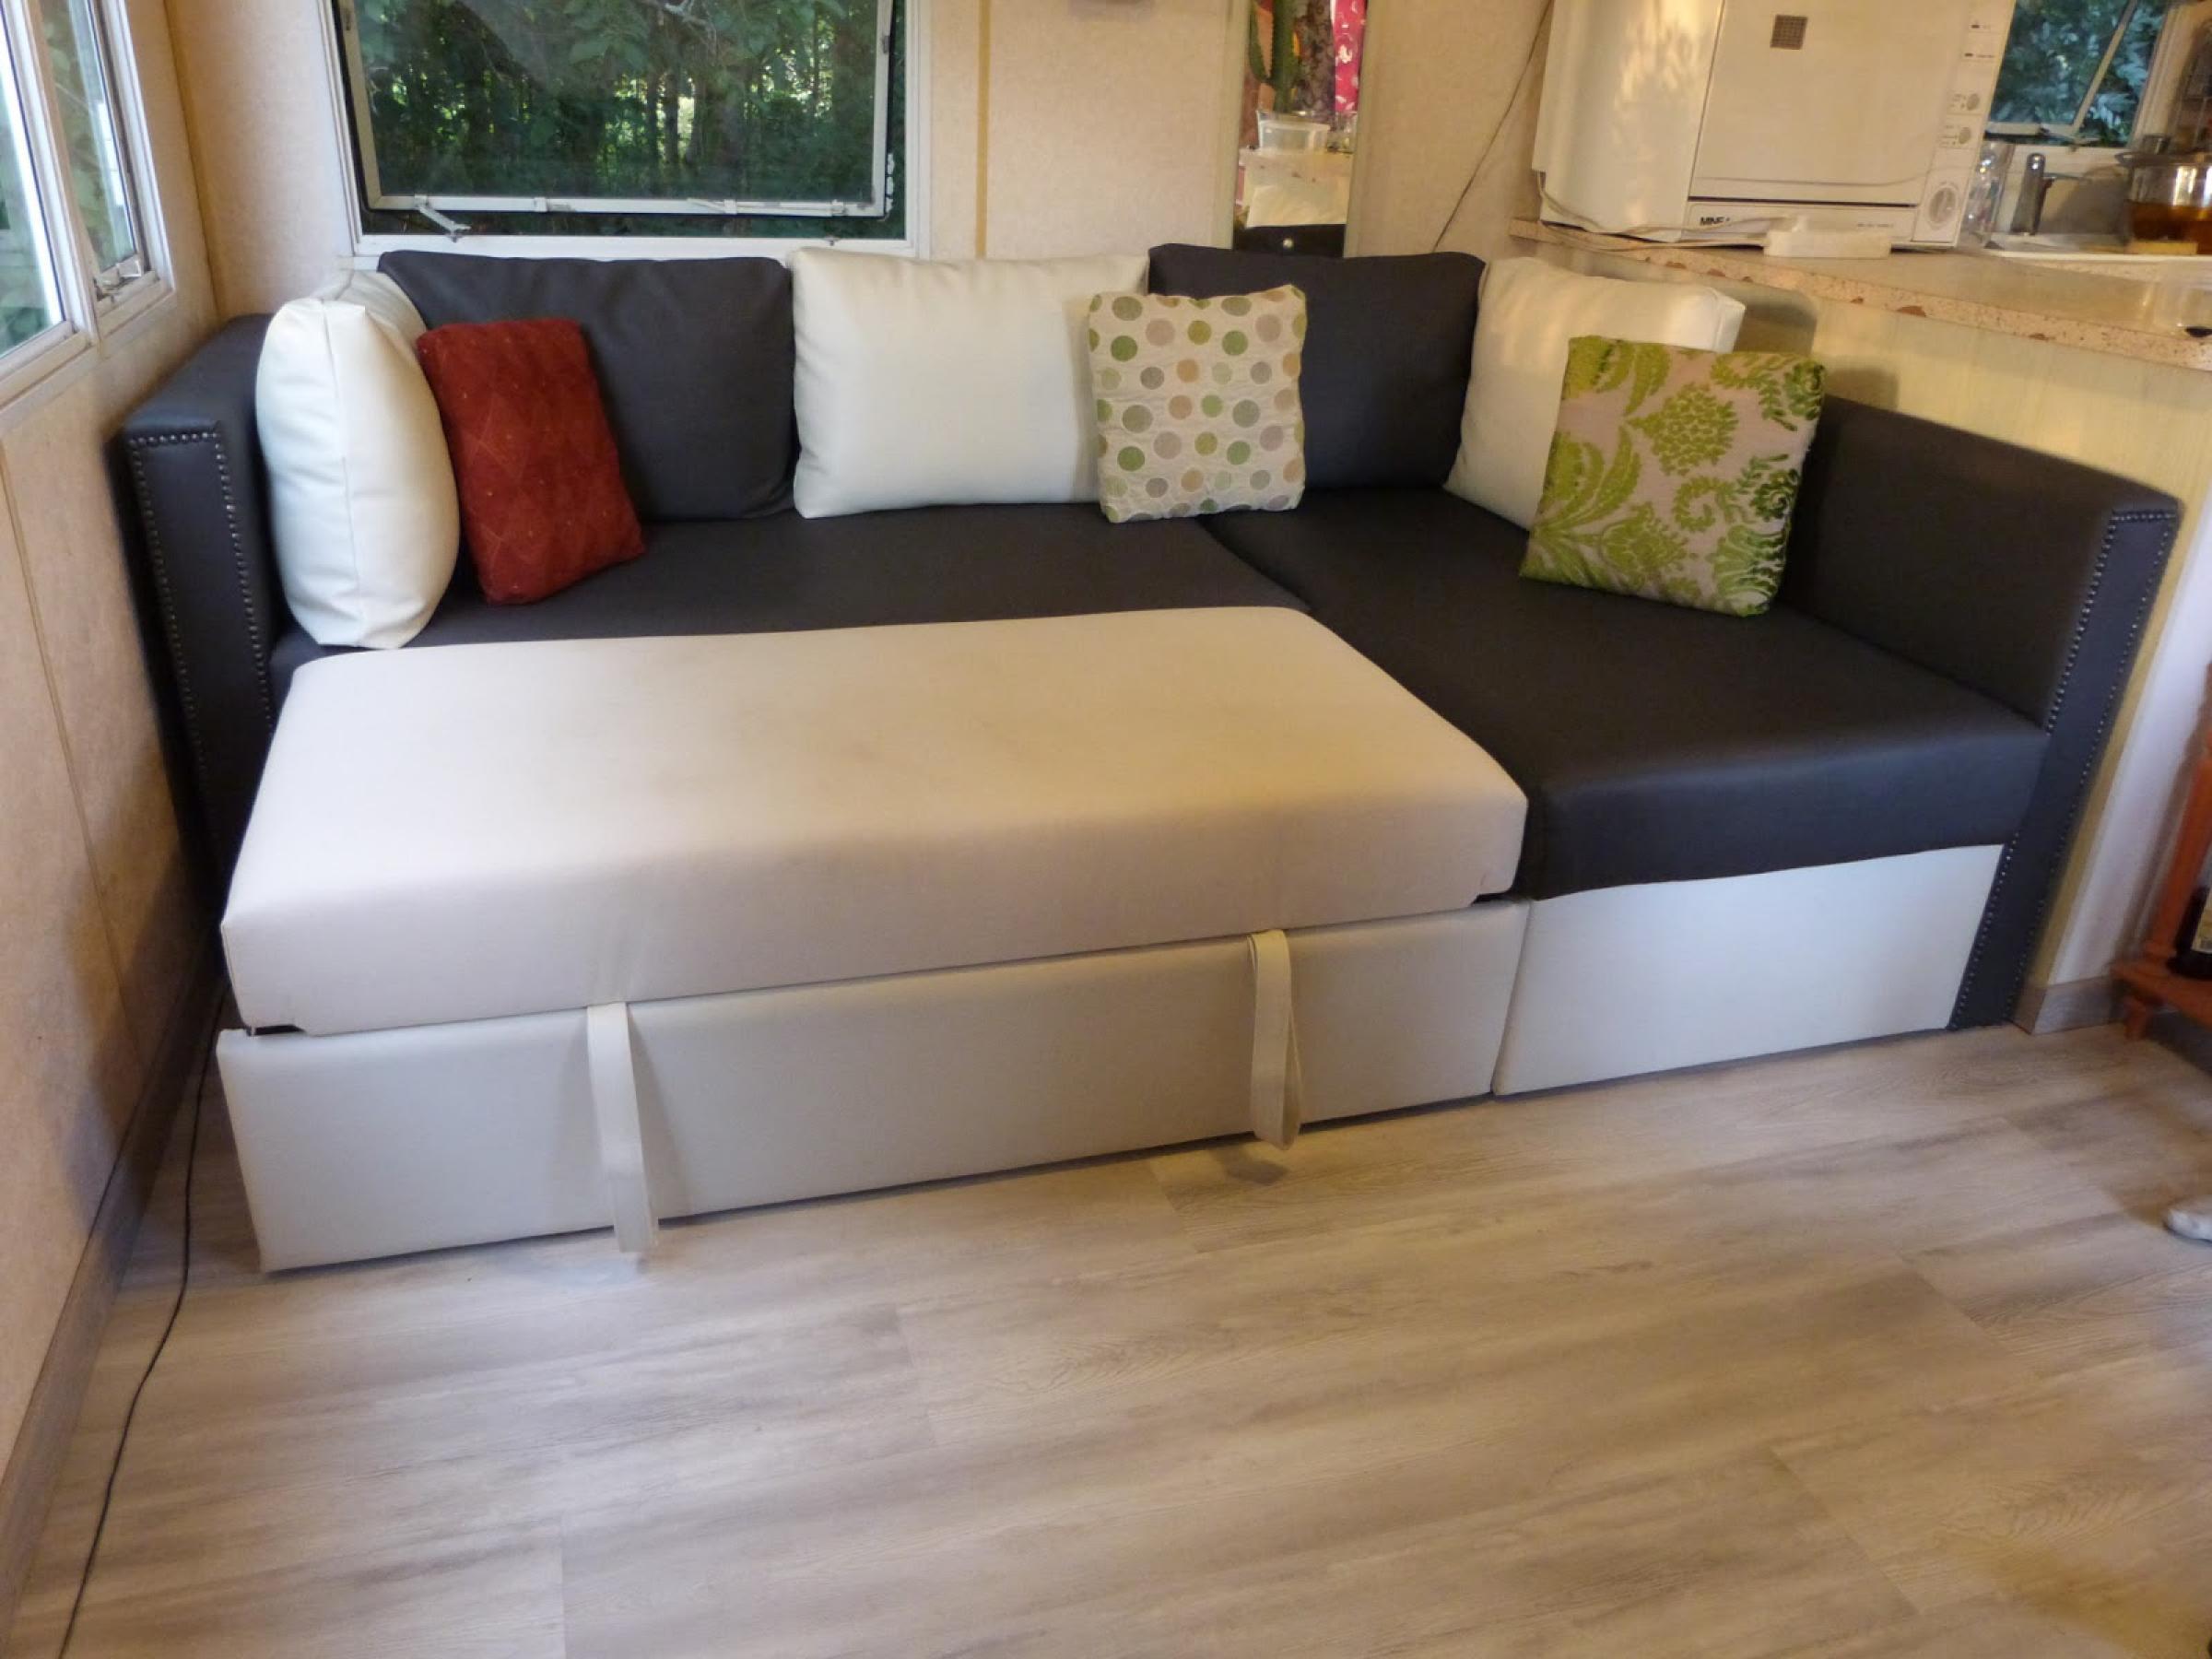 Canape D Angle Ikea Convertible Meilleur De Photos Maison Du Monde Canape Convertible Great Affordable with Canap Lit